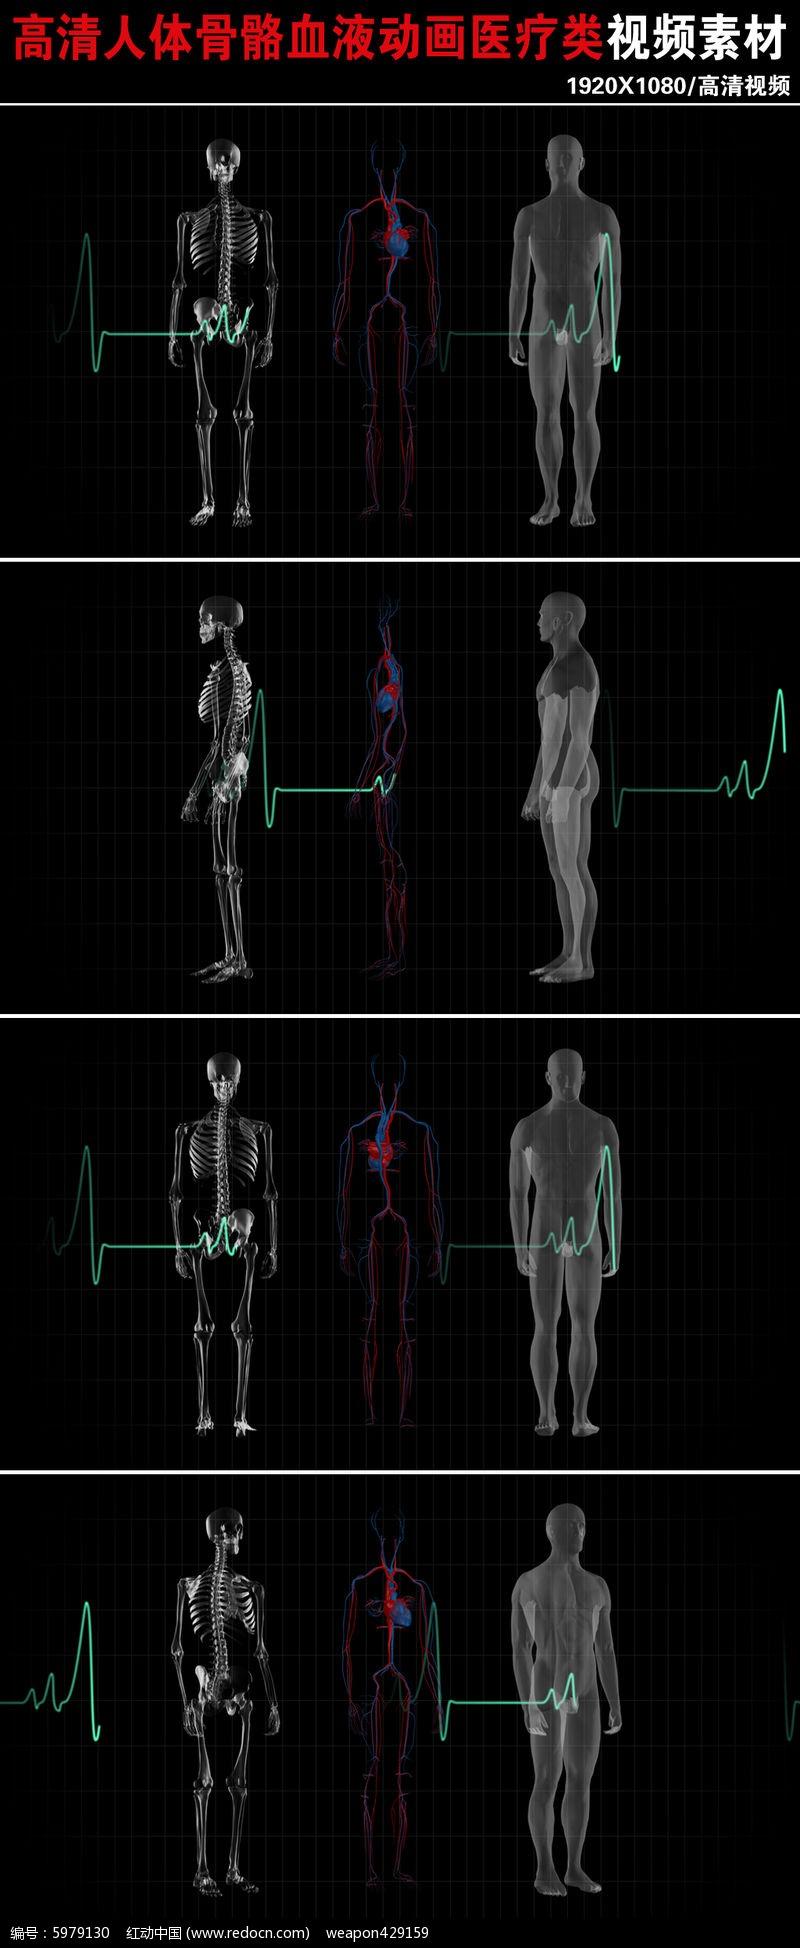 人体写真视频高清下载_人体骨骼血液动画心电图医疗视频素材下载图片